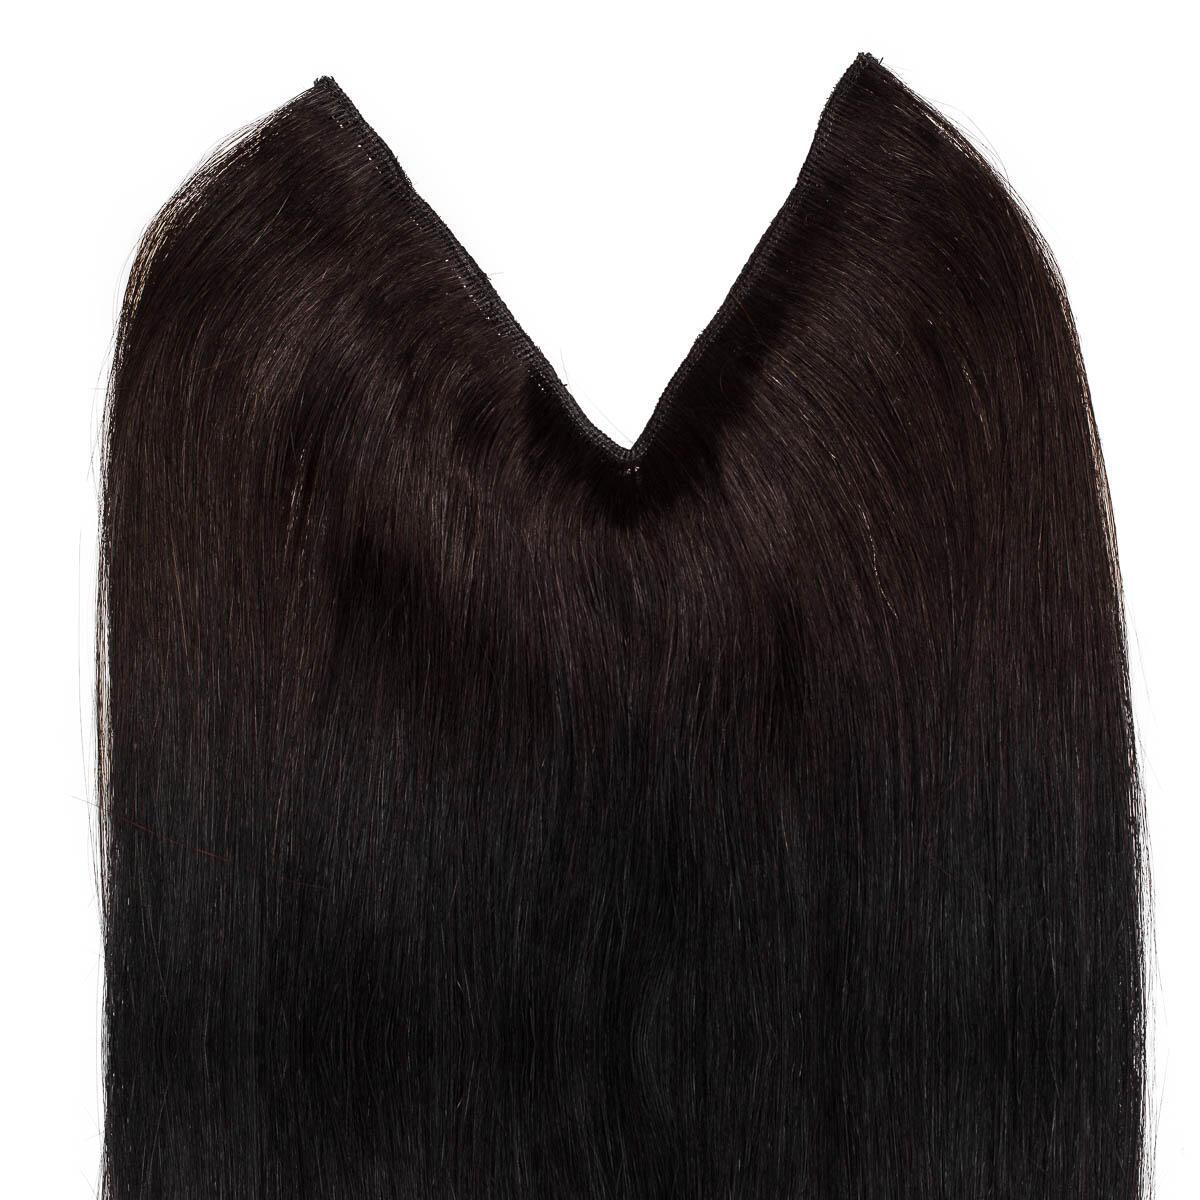 Easy Clip-in 1.2 Black Brown 50 cm